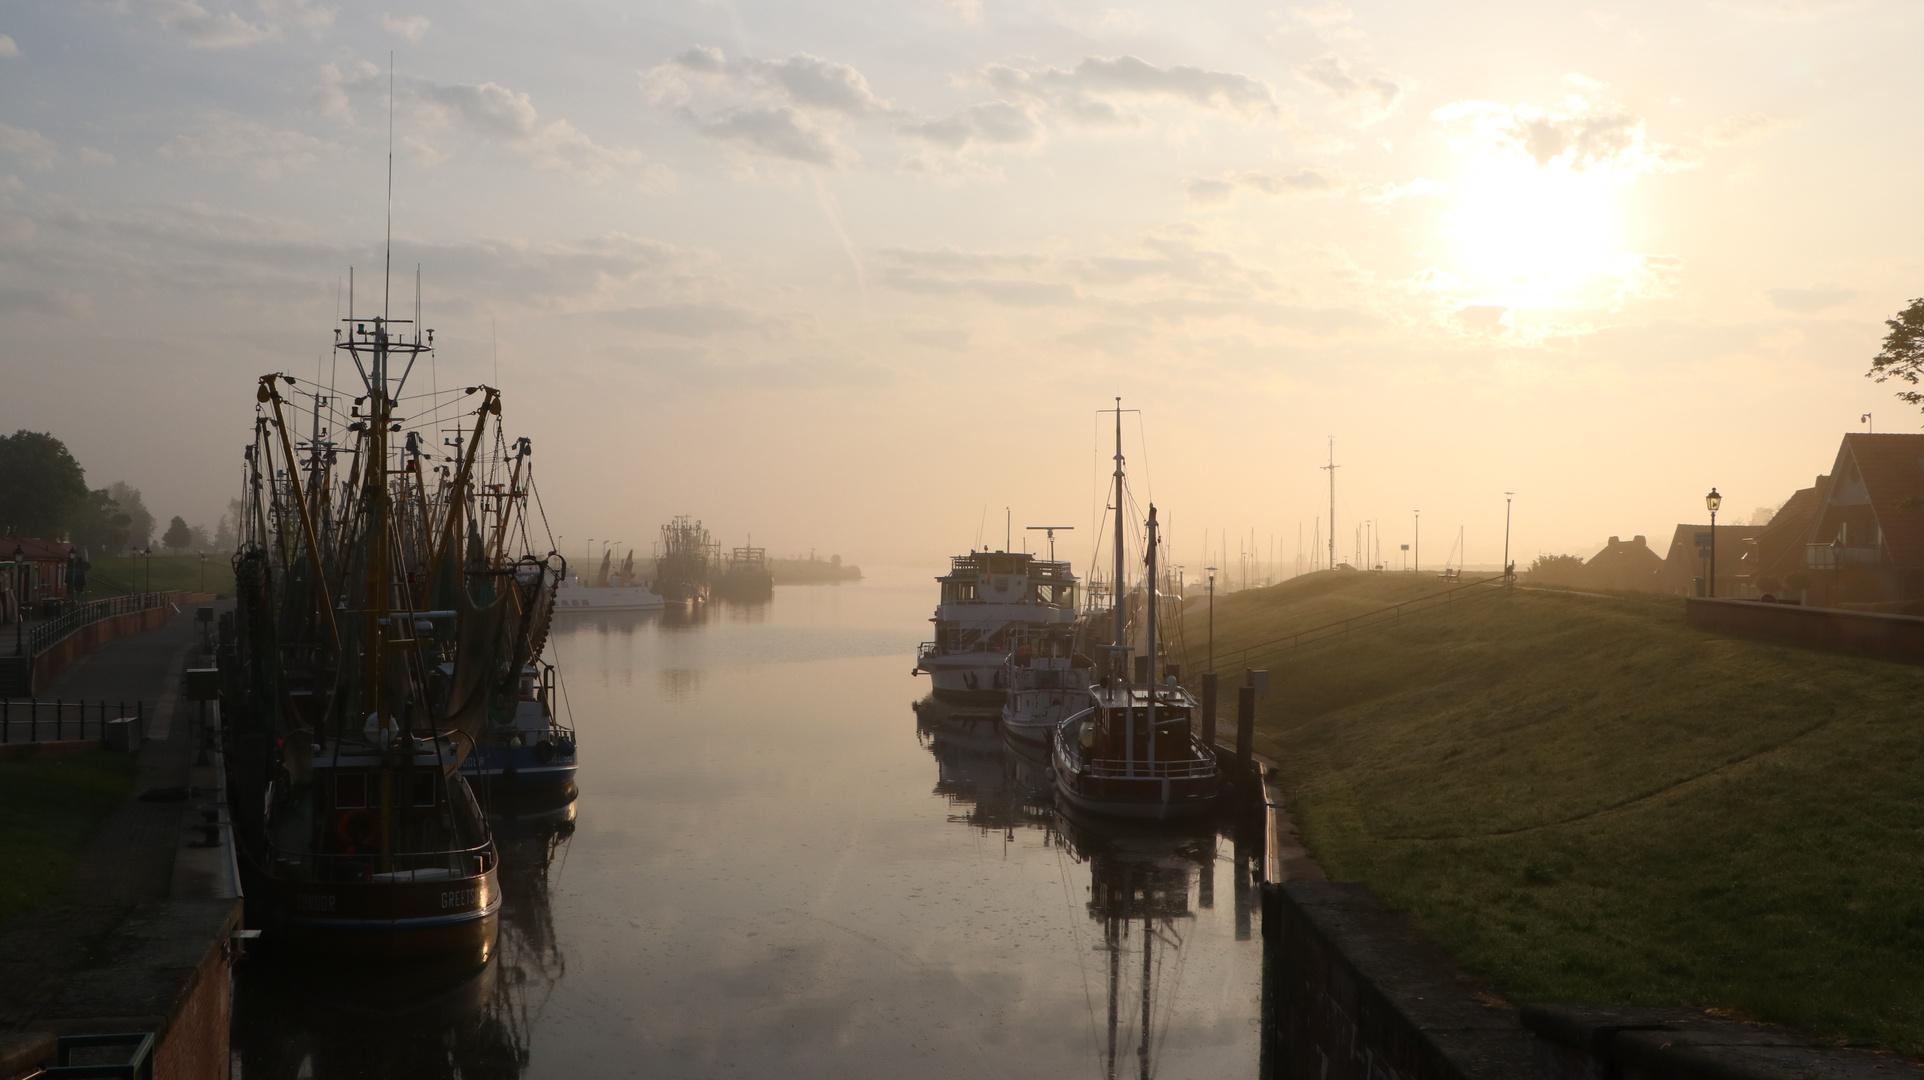 Hafen am Morgen